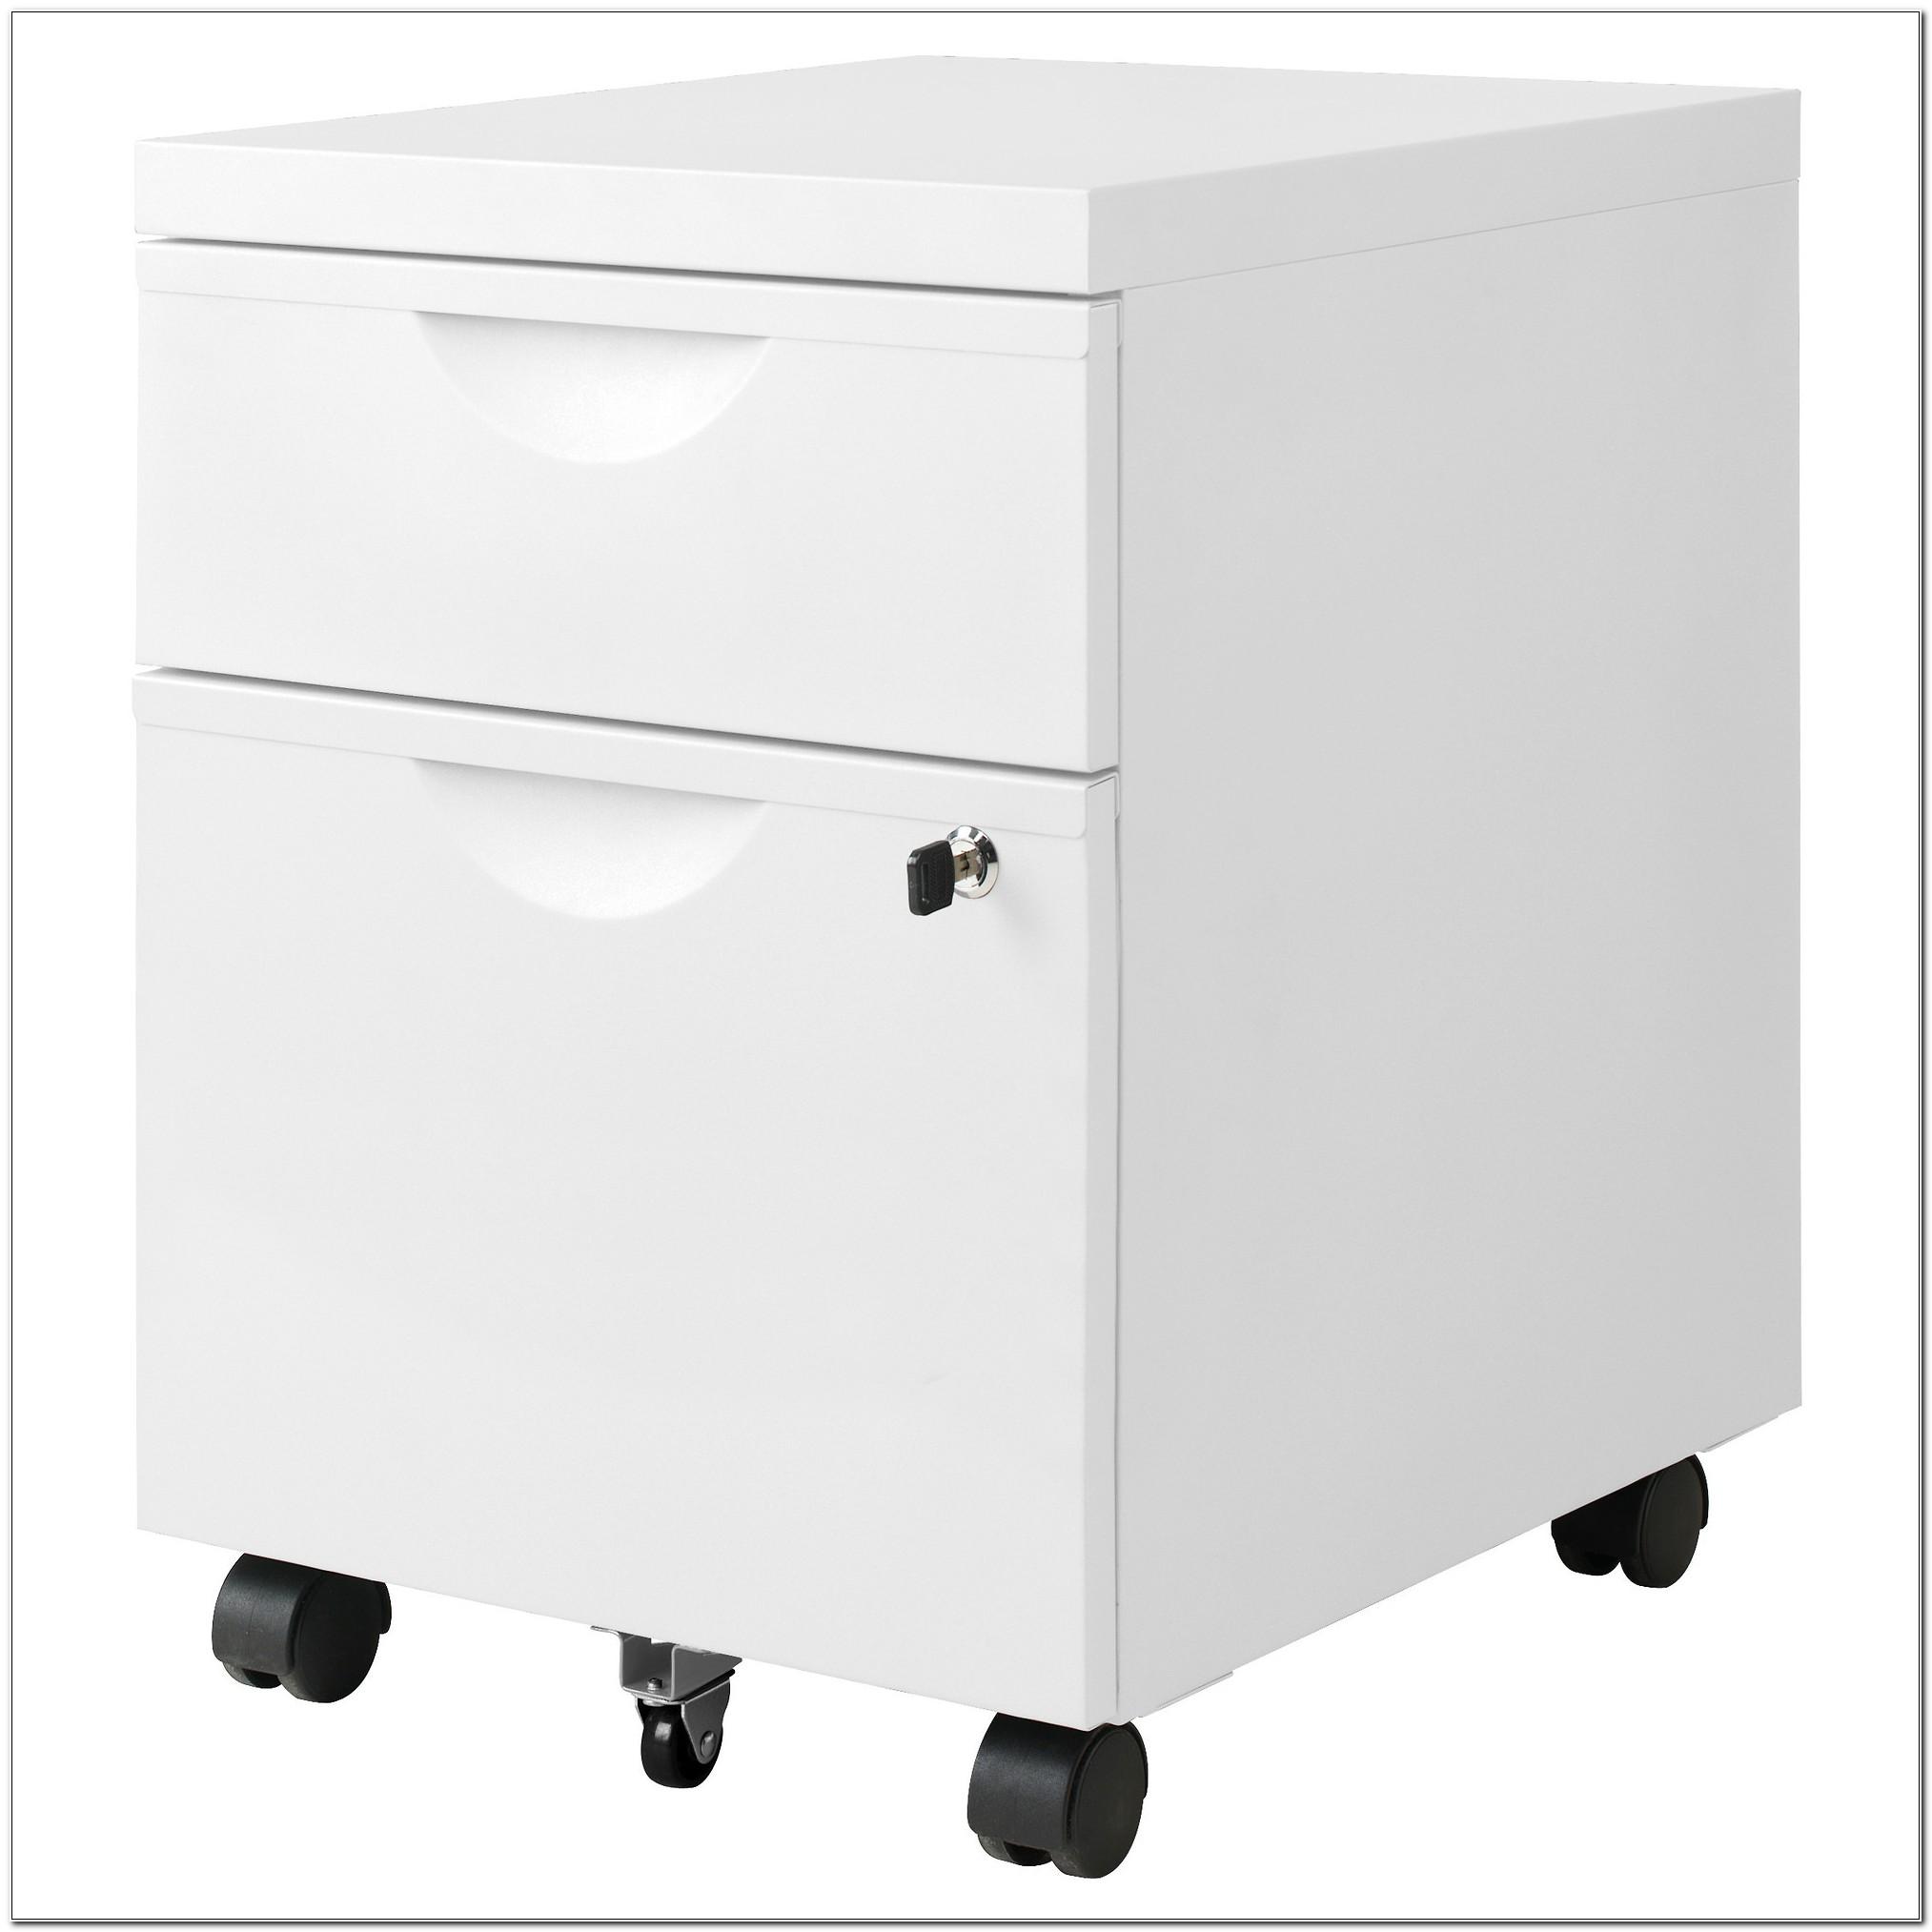 Ikea Erik 2 Drawer File Cabinet